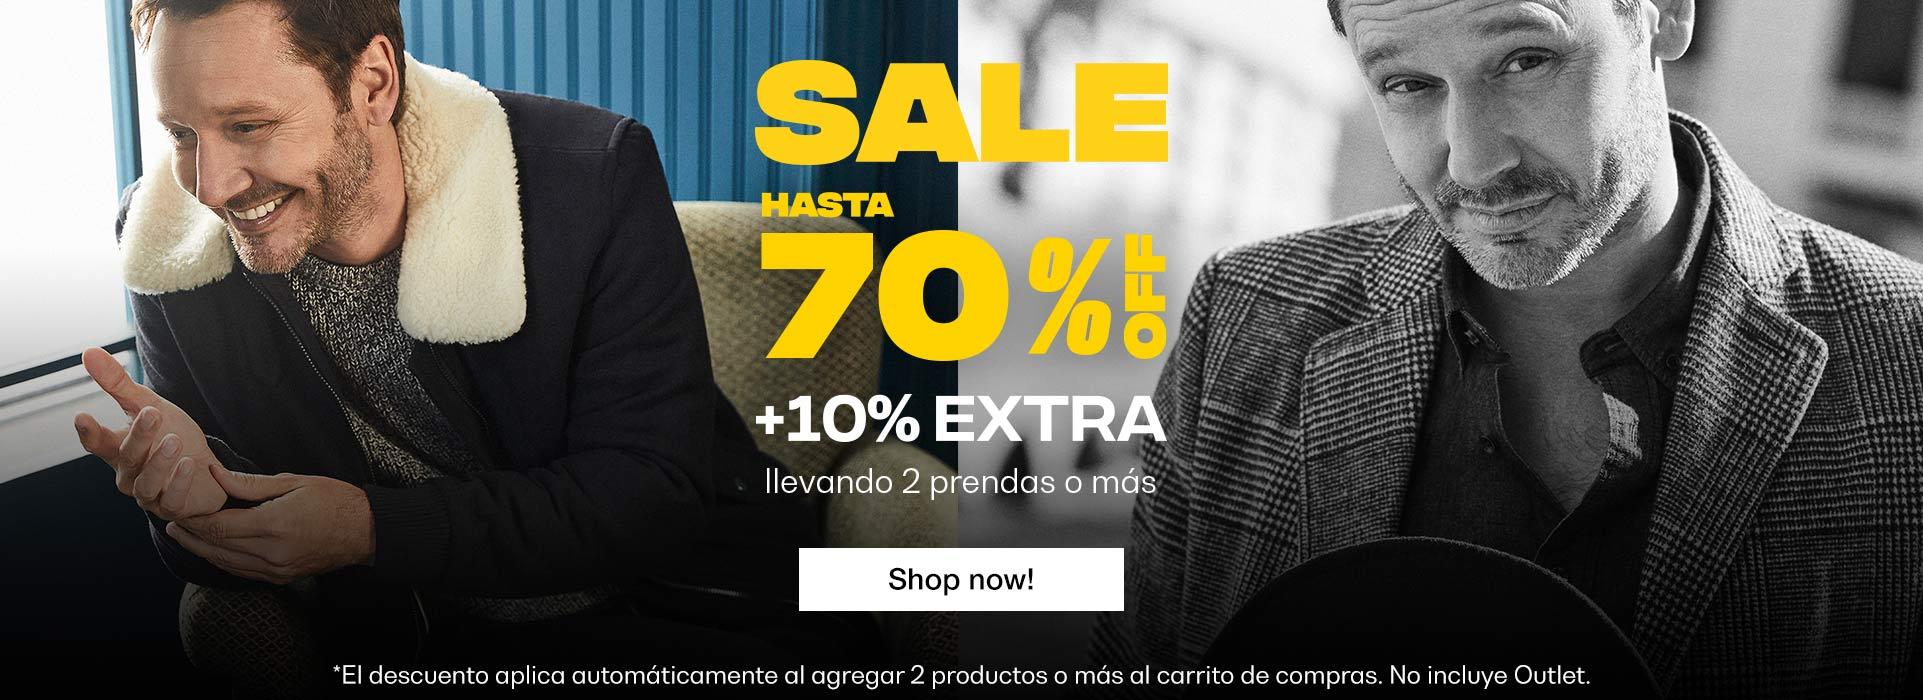 SALE 70% + 10%